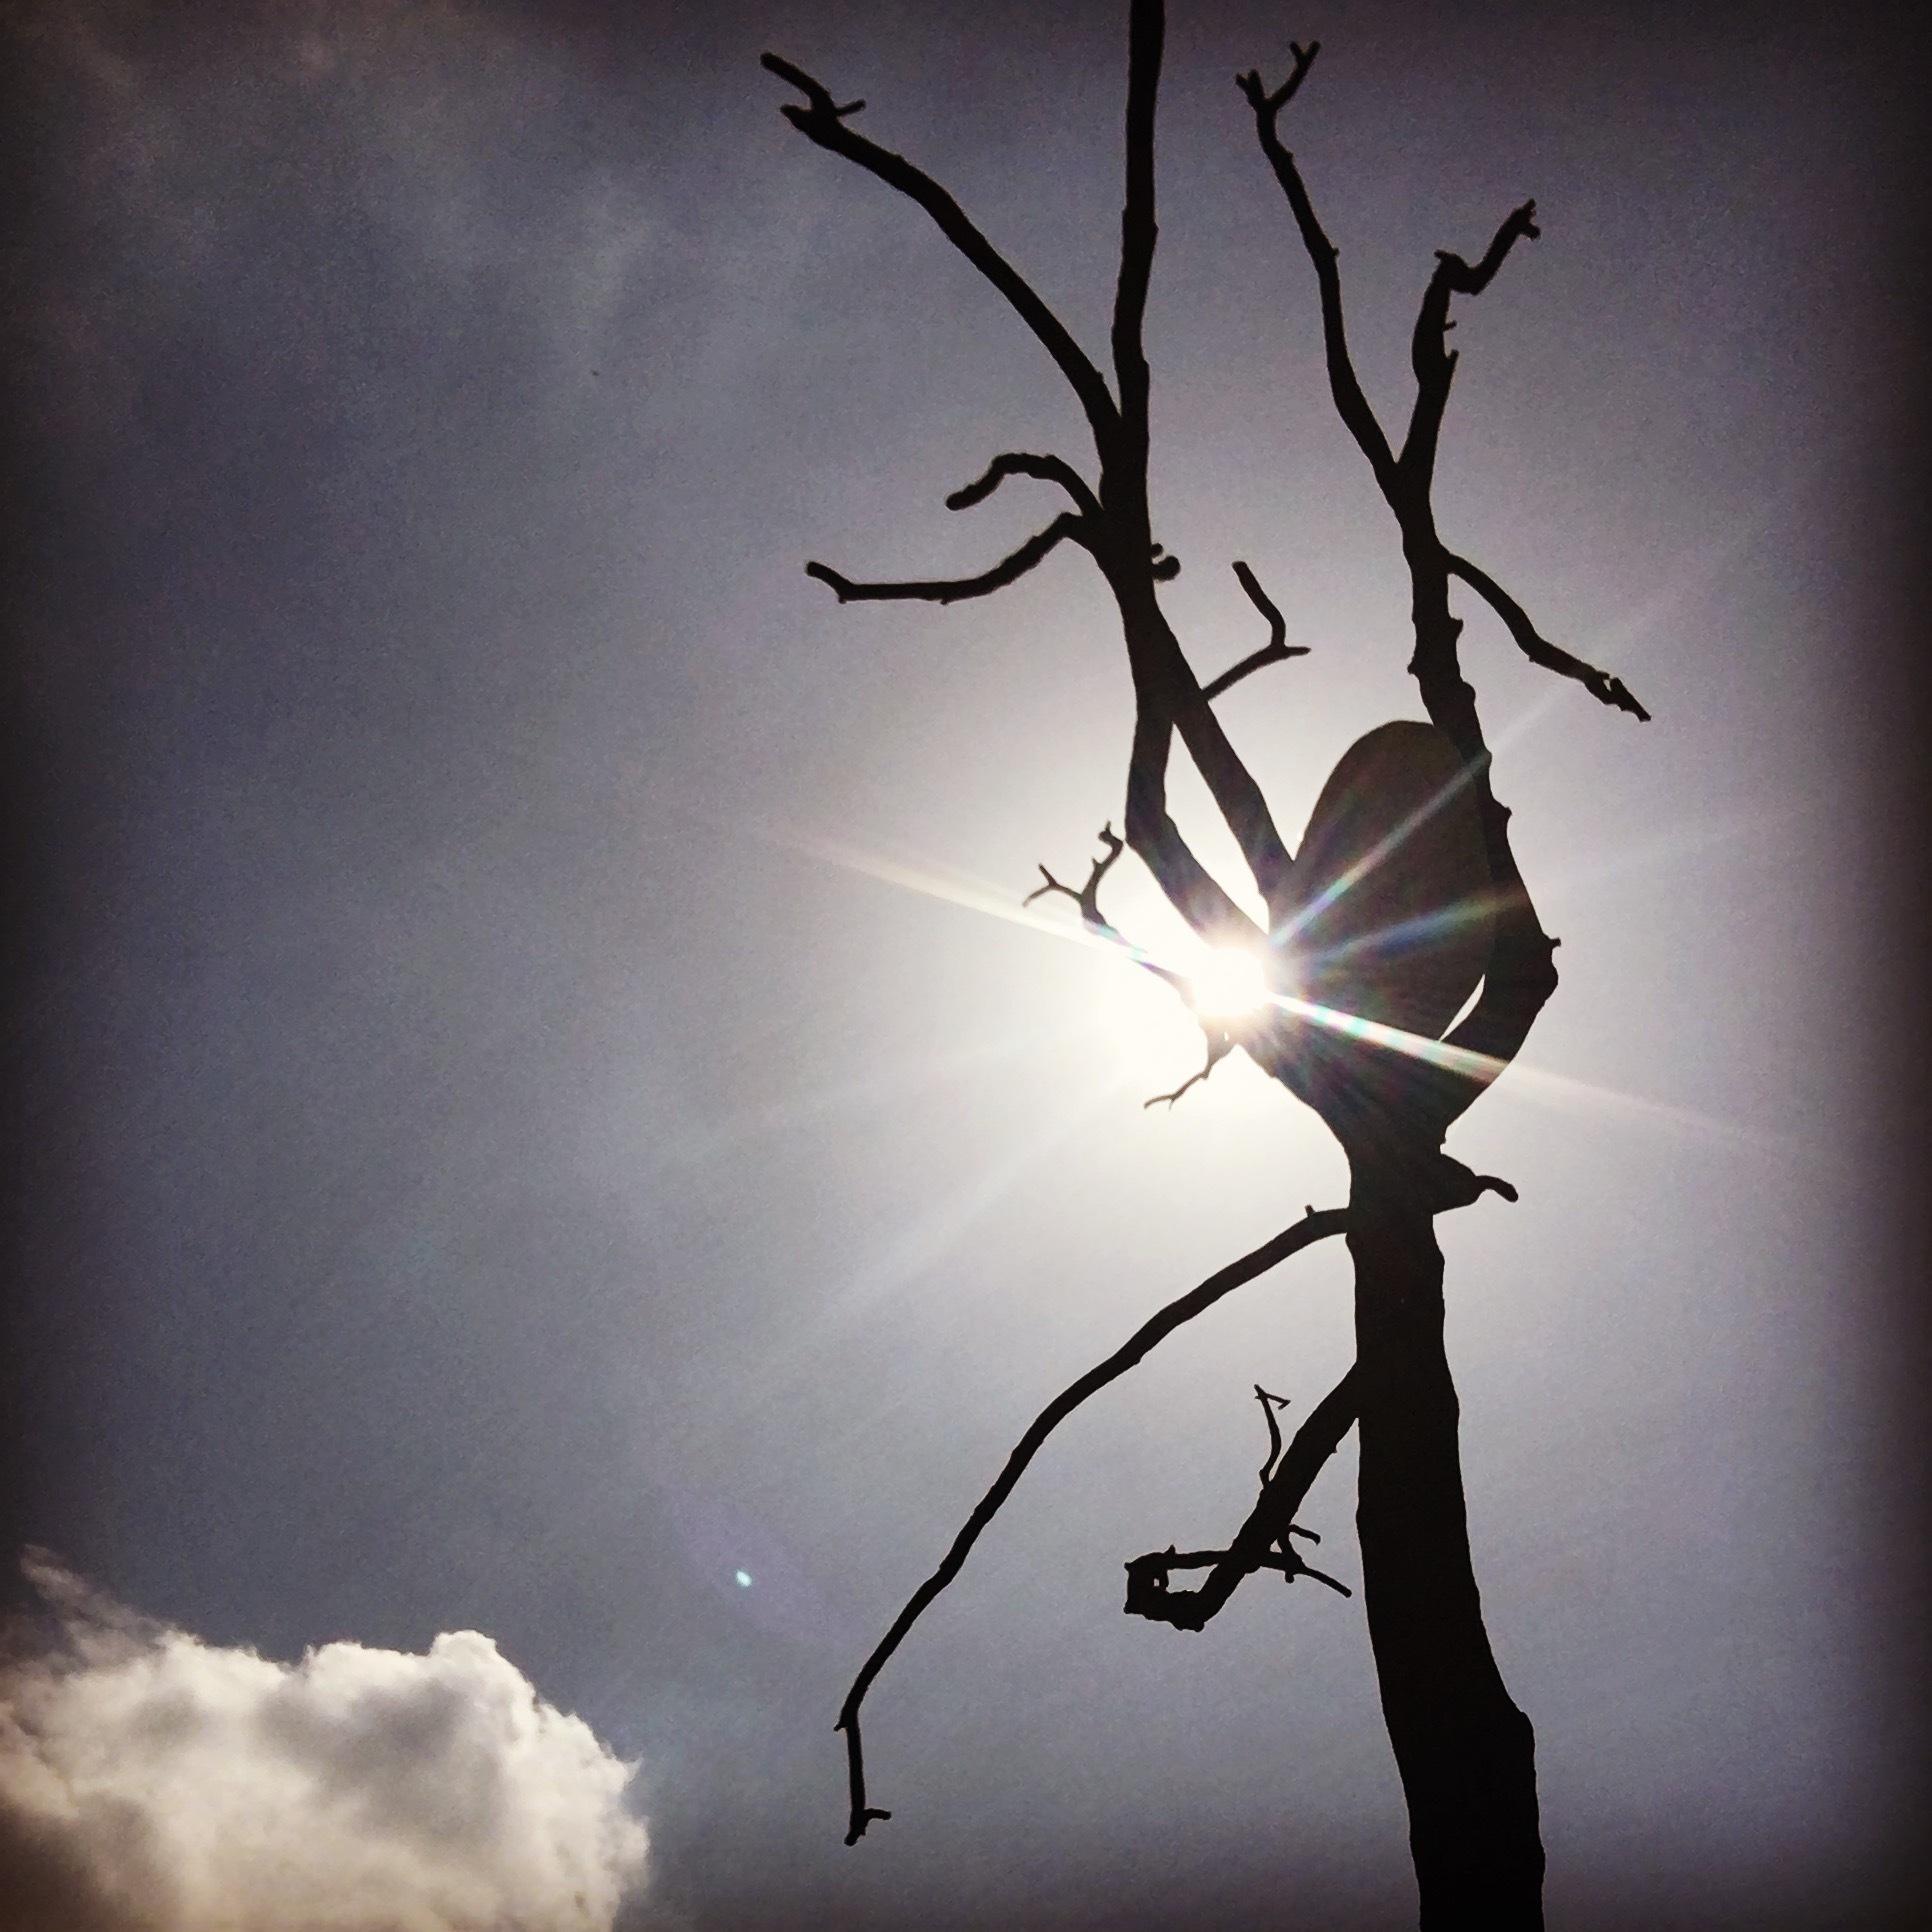 Rock in a Tree by Paul Stobbs